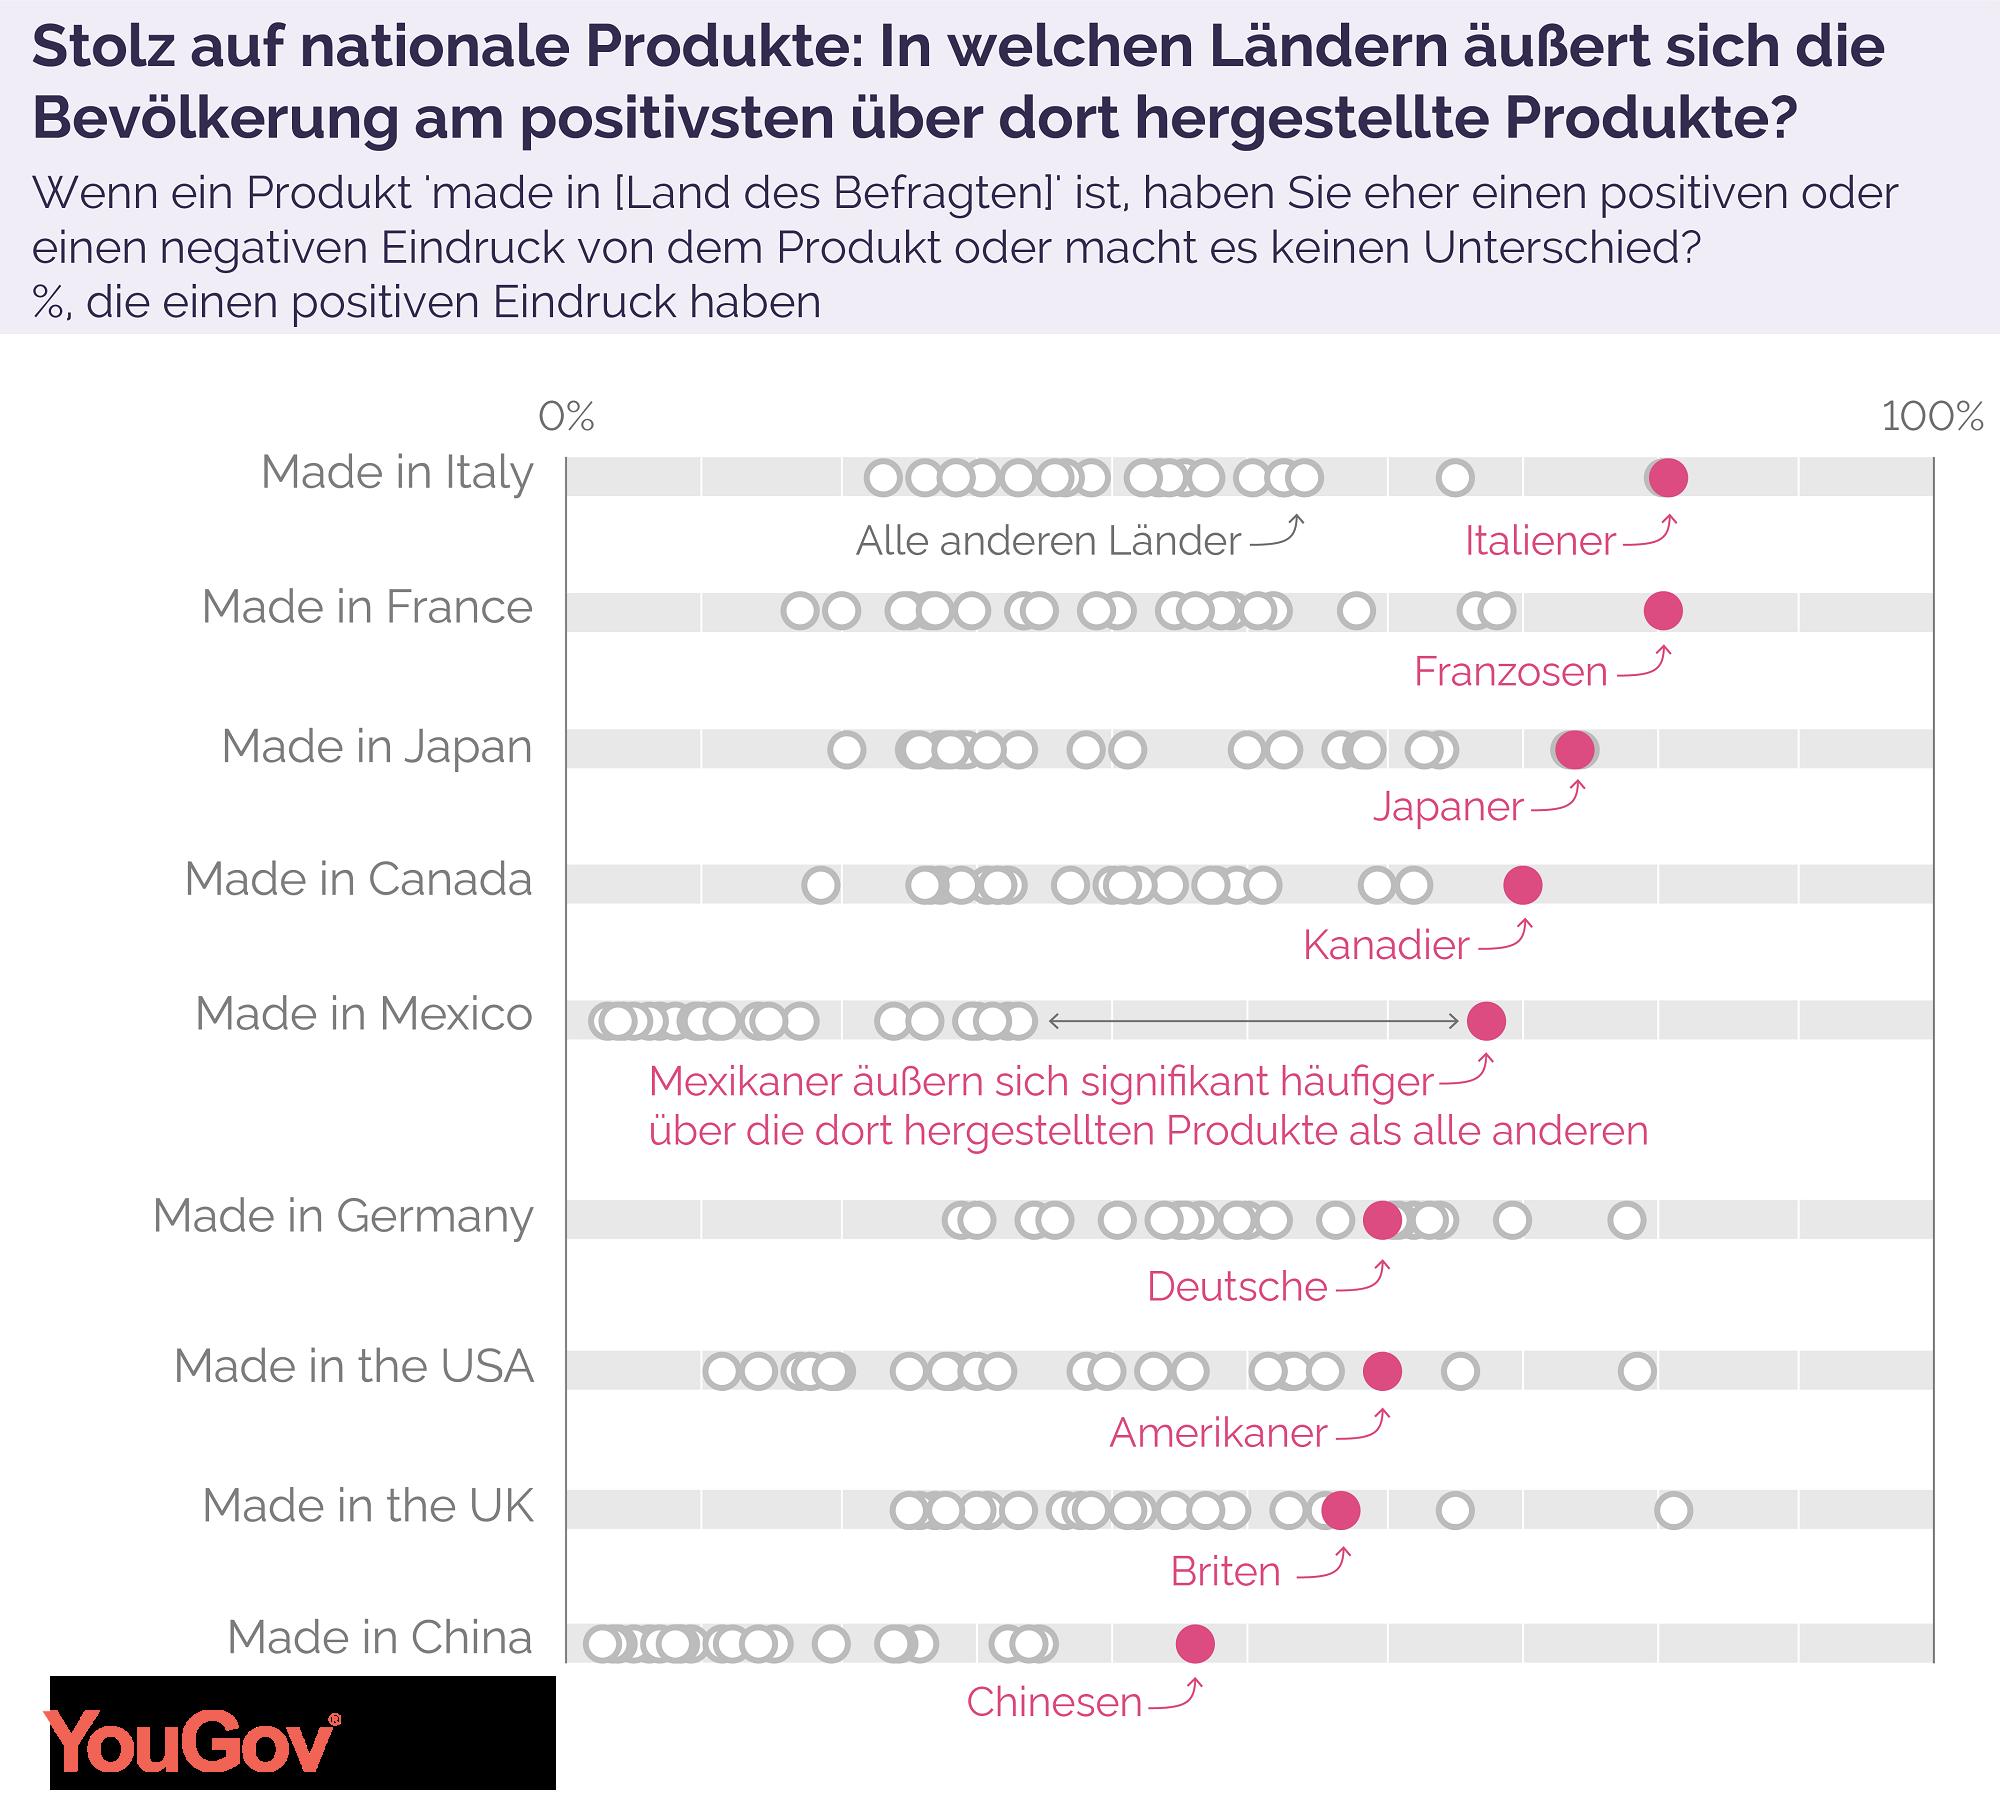 Stolz auf nationale Produkte im Vergleich